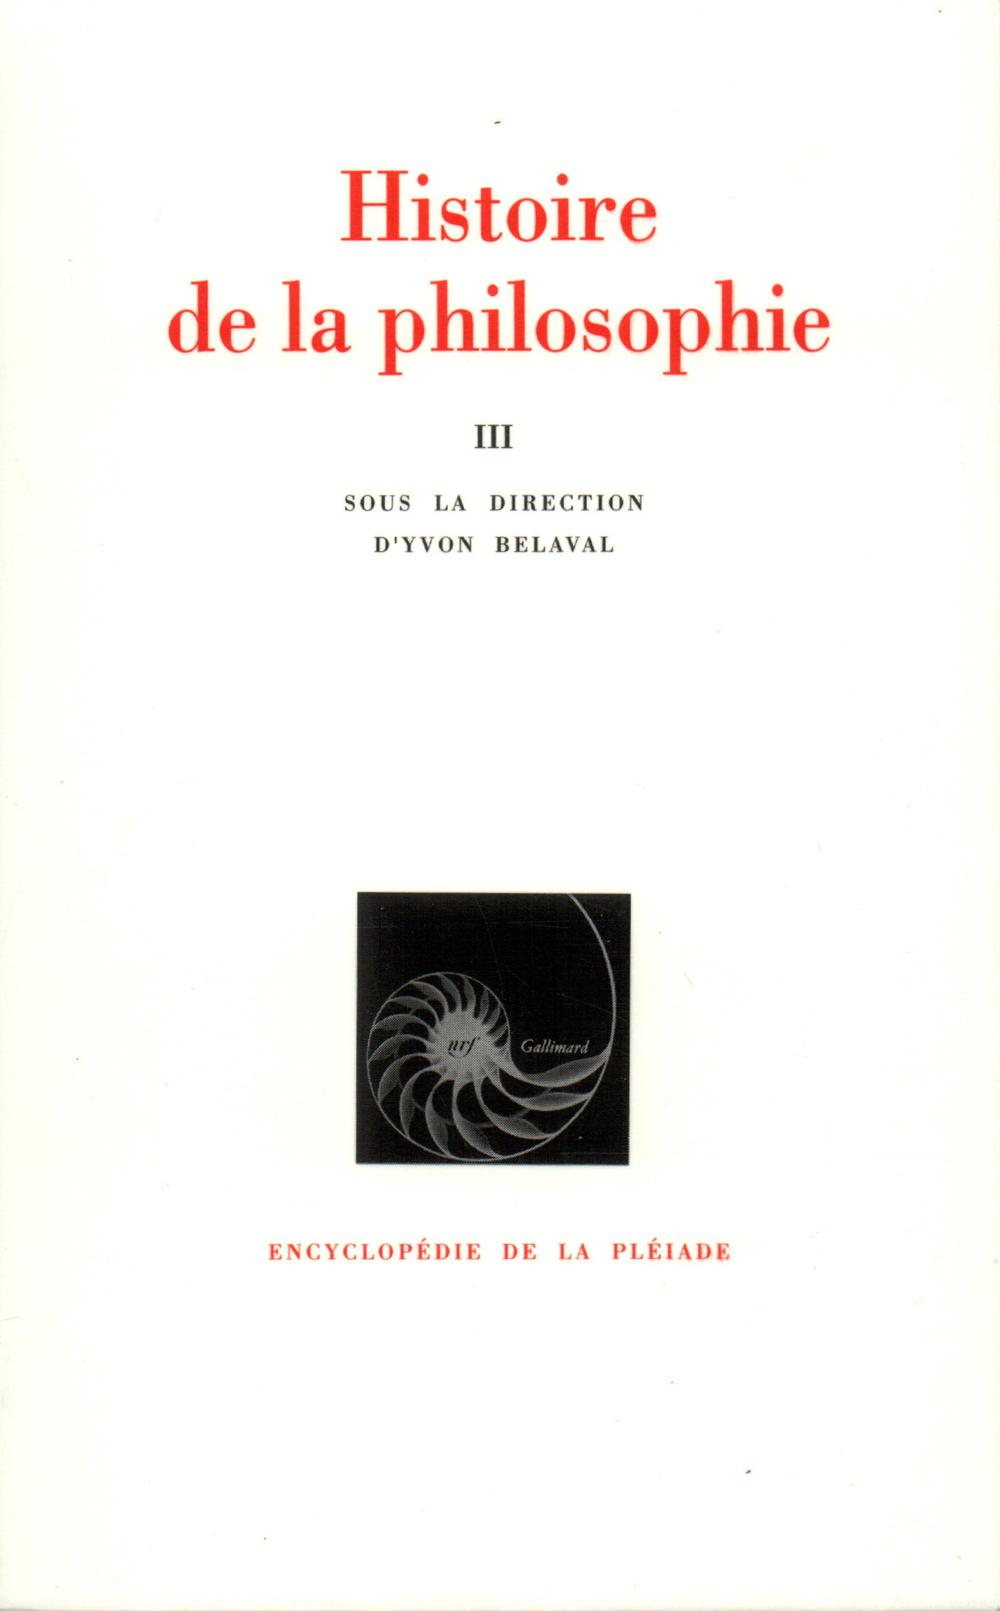 HISTOIRE DE LA PHILOSOPHIE T3